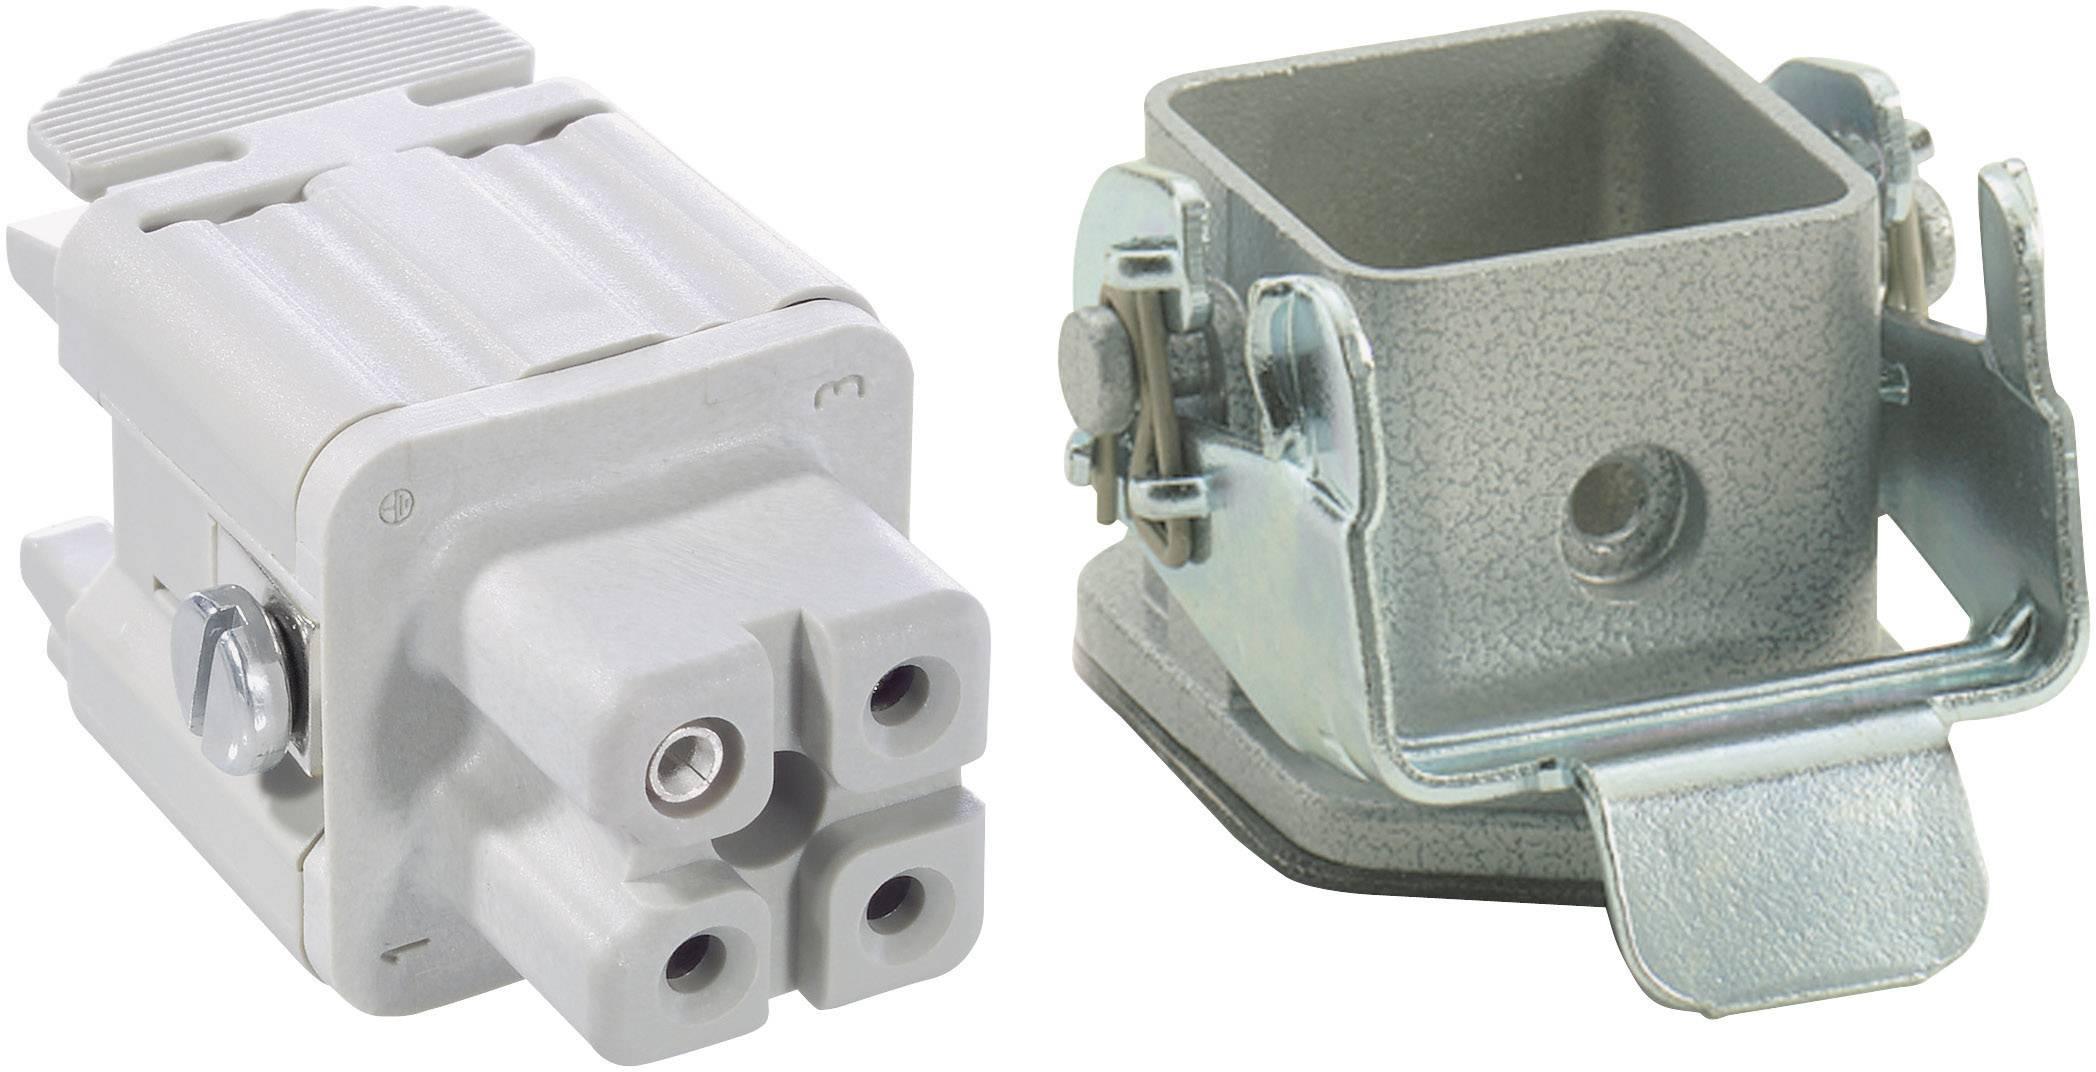 Sada konektorů EPIC®KIT H-A 3 75009606 LappKabel 3 + PE šroubovací 1 sada